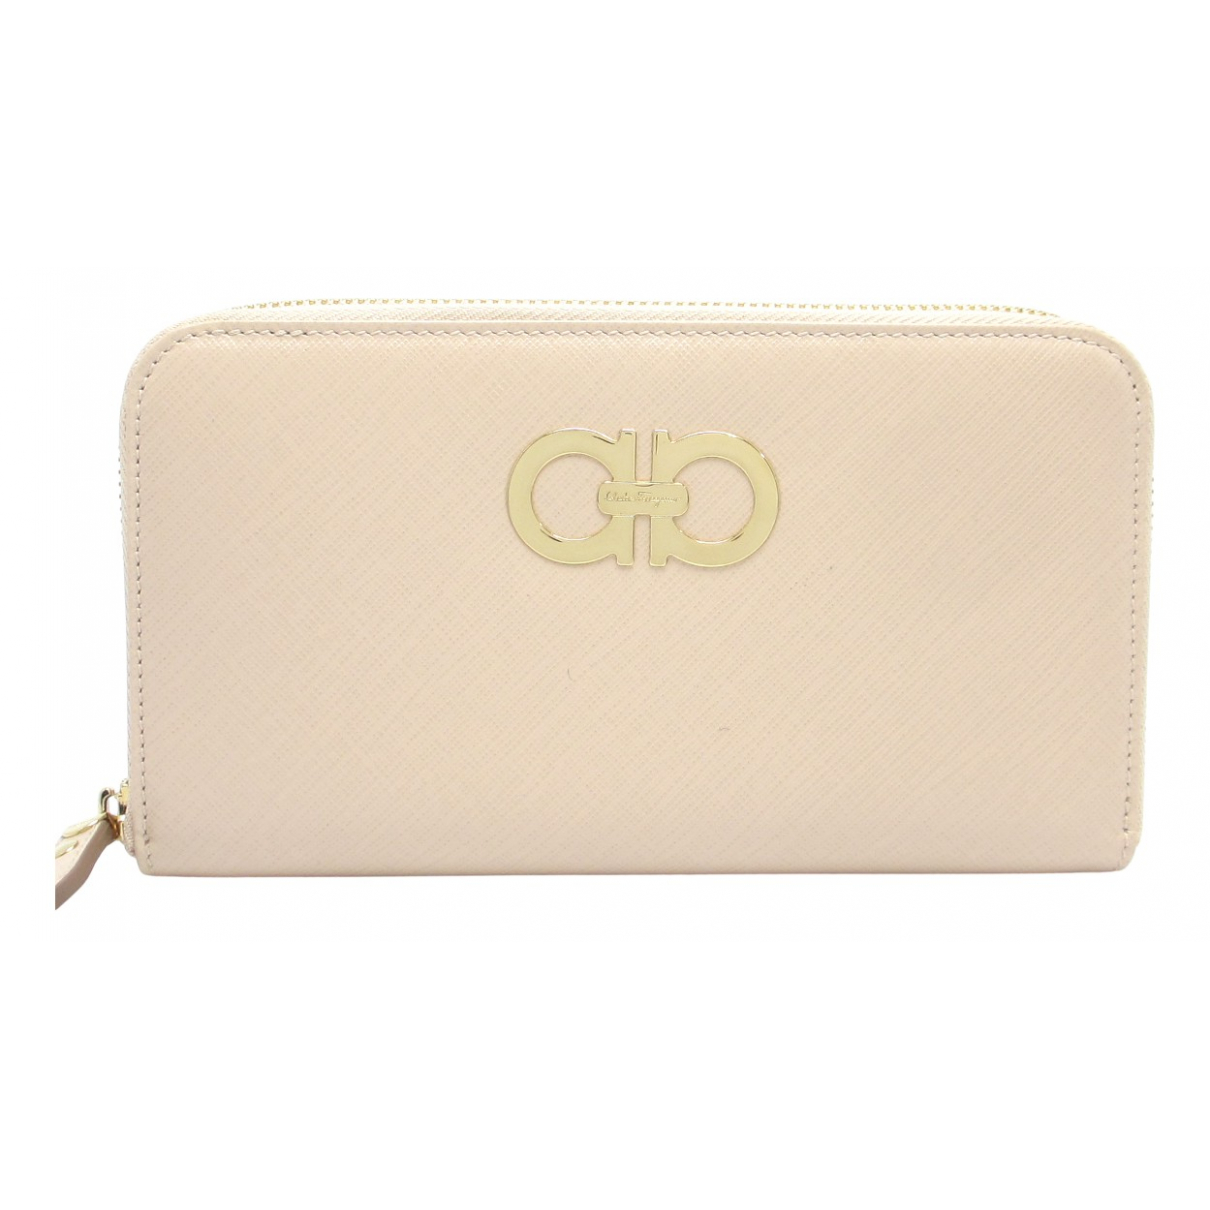 Salvatore Ferragamo N Leather wallet for Women N